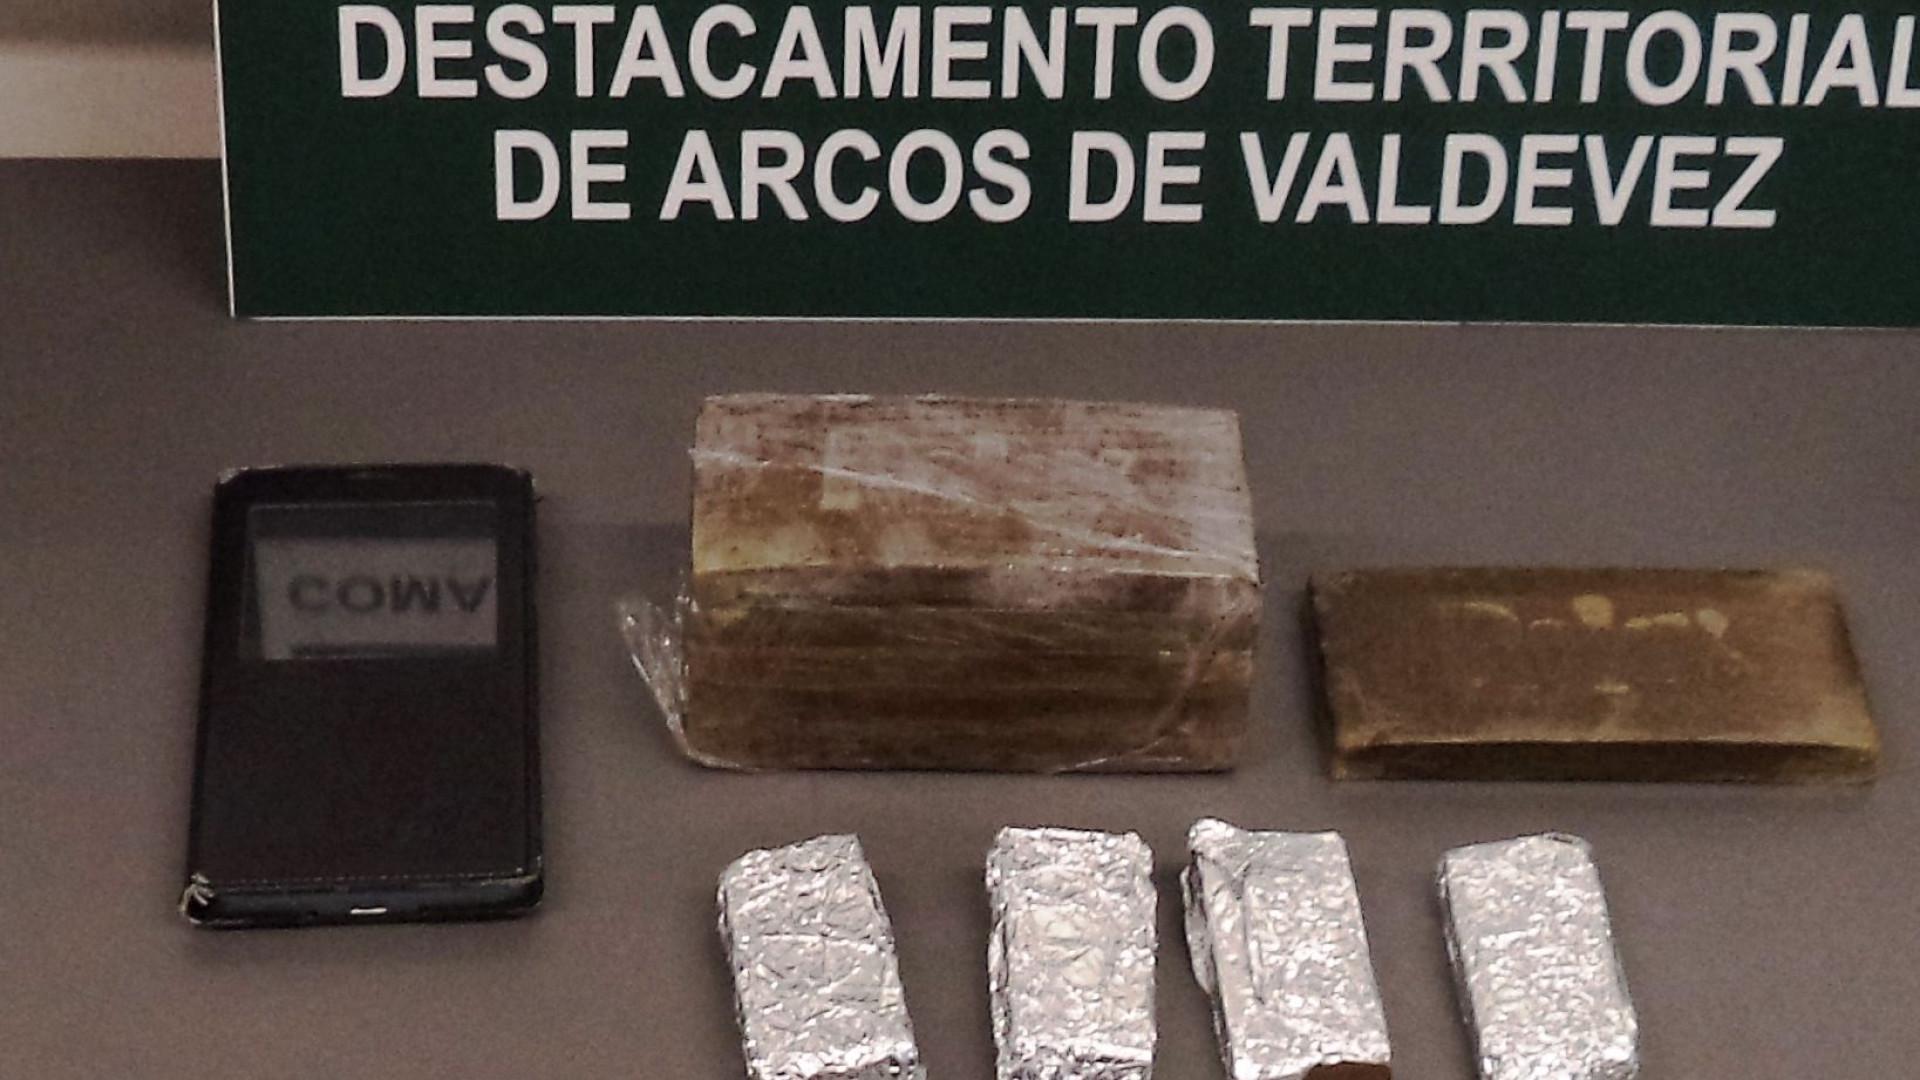 Detido na posse de mais de mil doses de haxixe